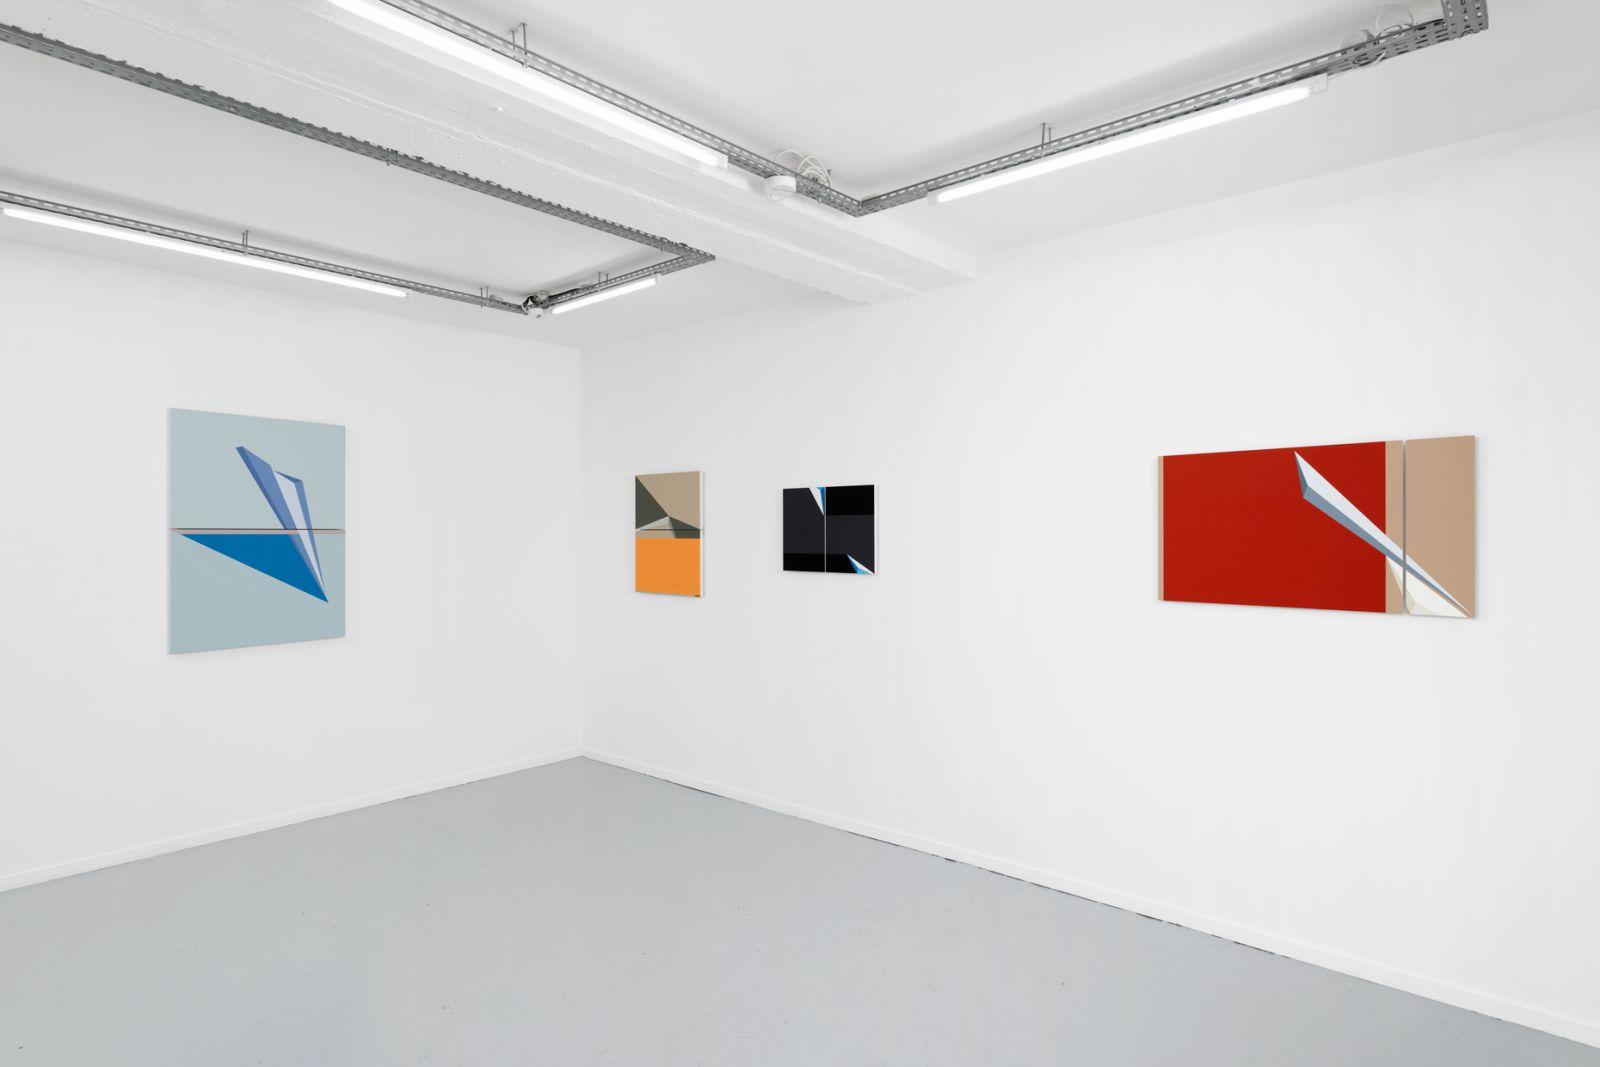 03-parties-fines-progress-gallery-vue-expo-4-aurelien-mole-web-20b69e4f90f187fec490831401dc562b